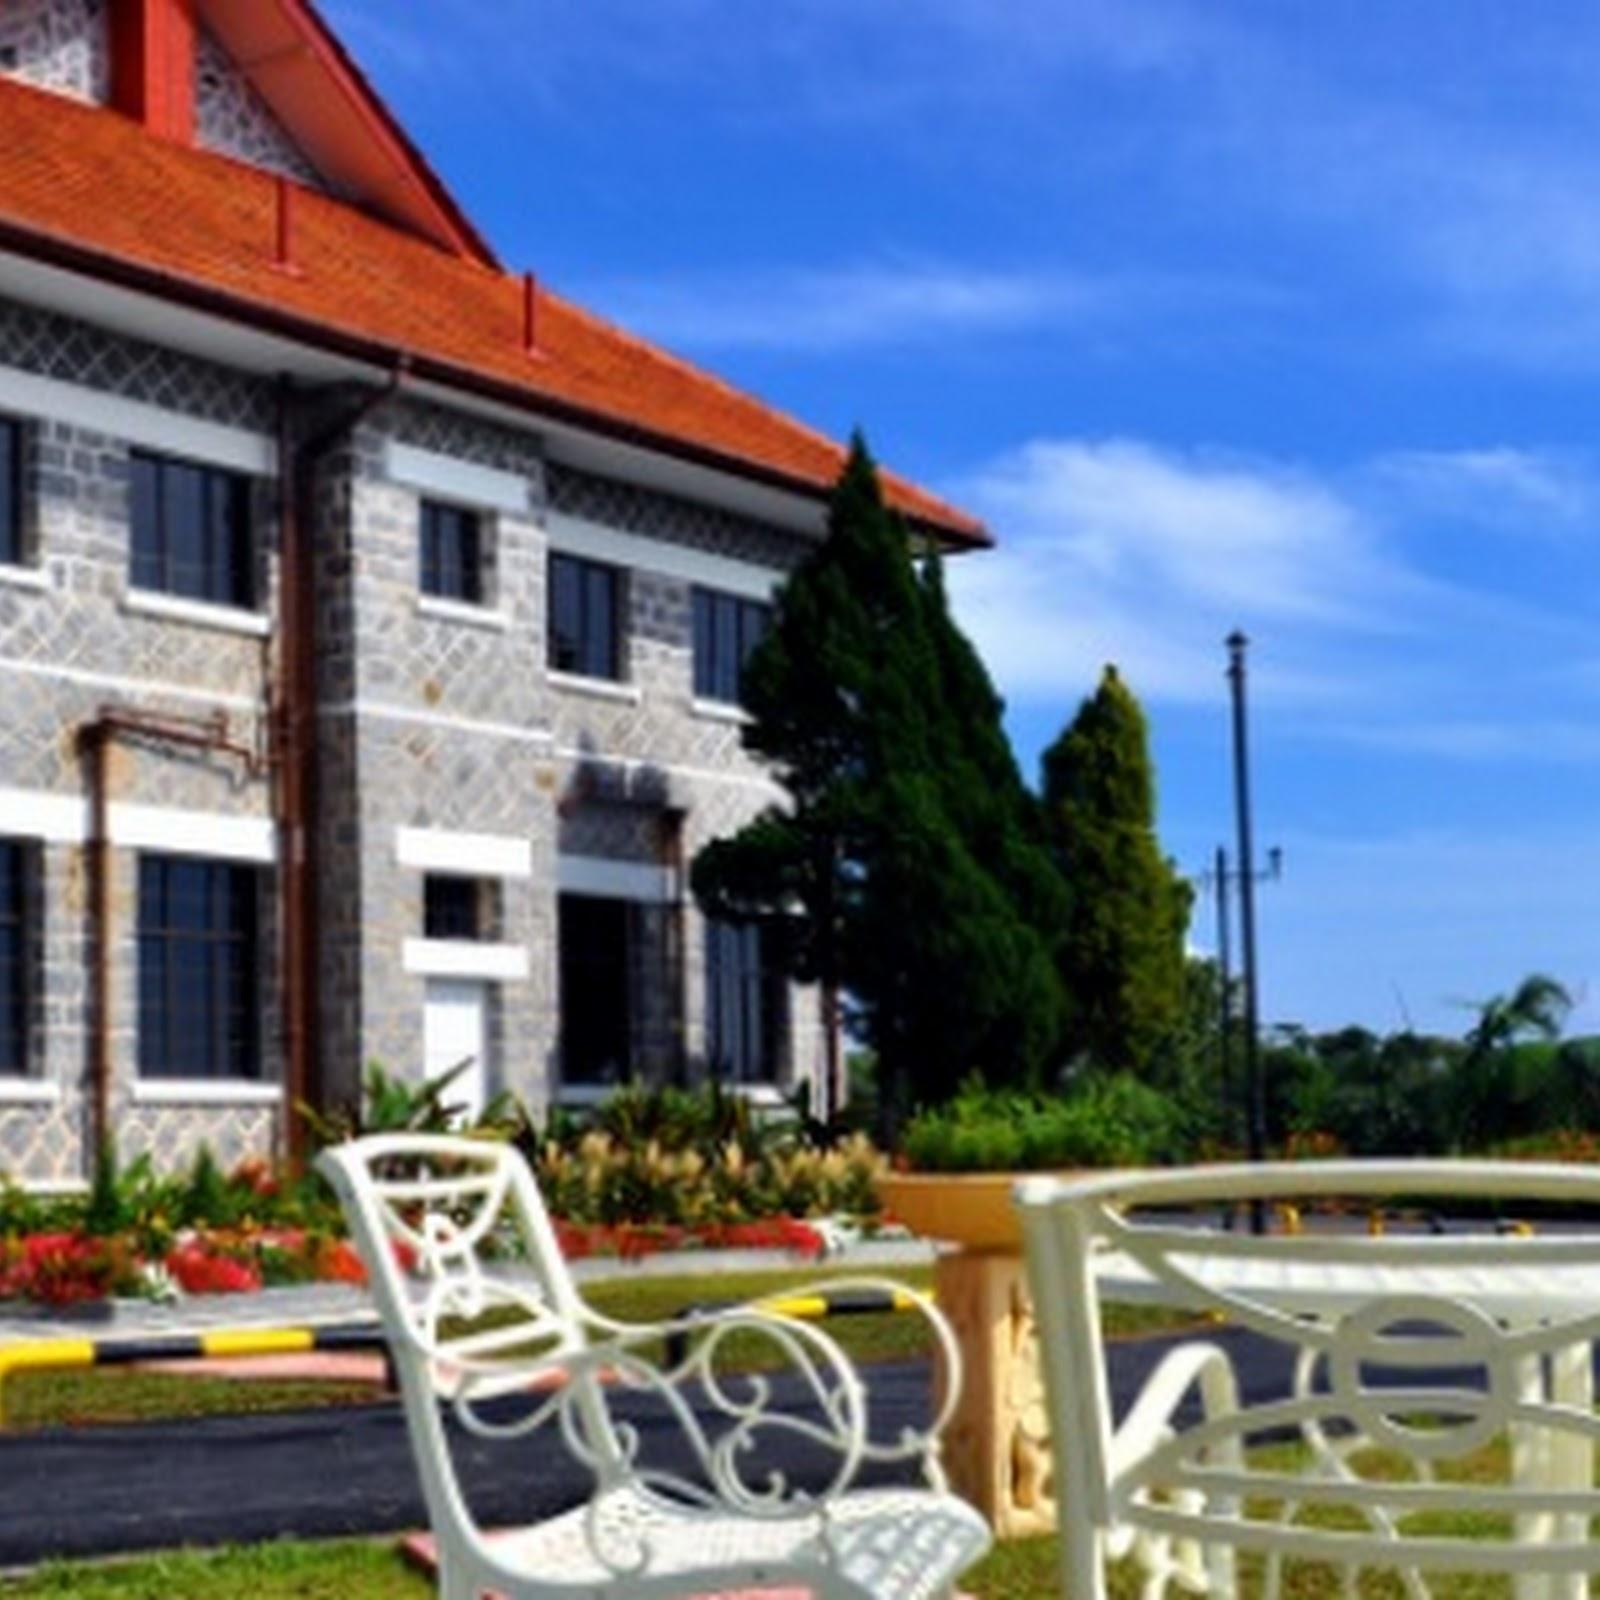 Rumah Peranginan Persekutuan Premier Tanjung Tuan